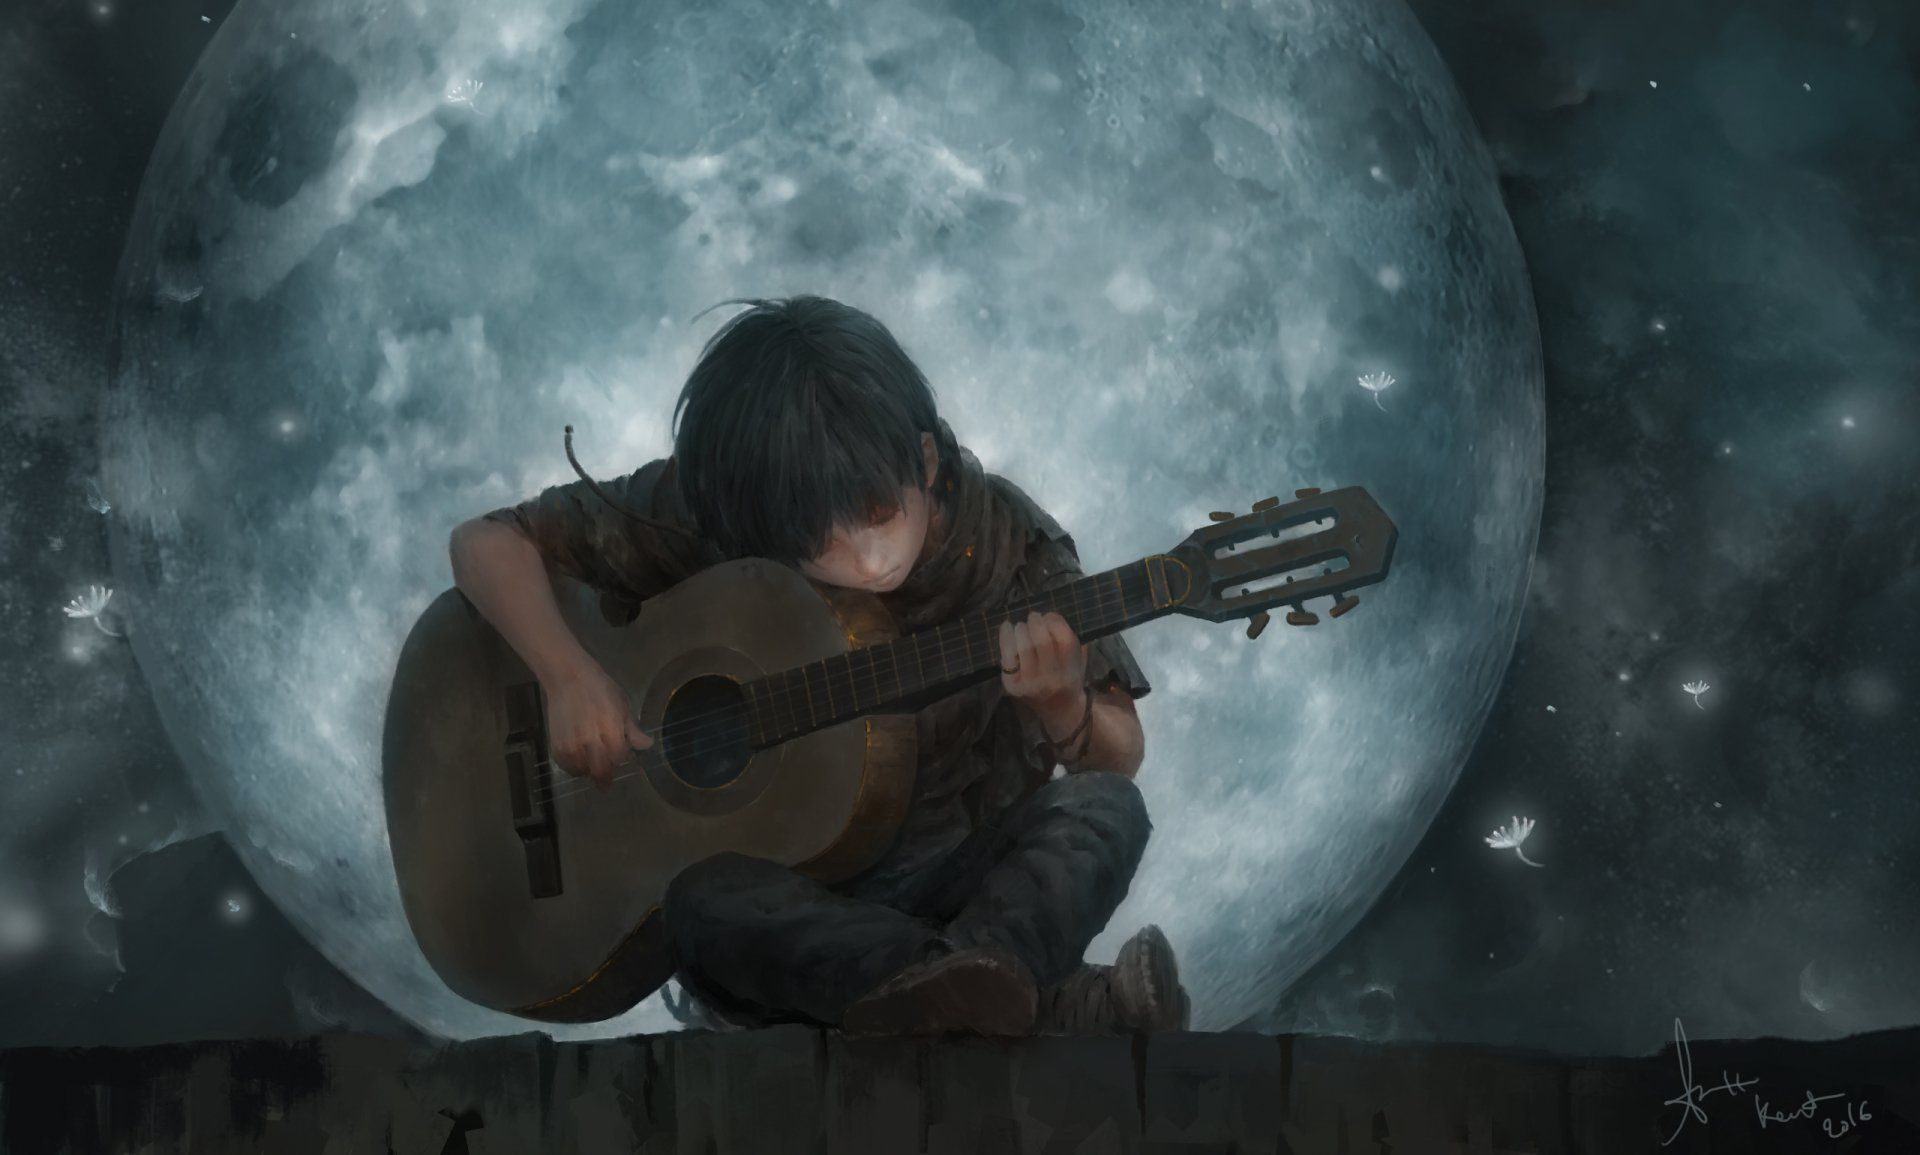 Artistic Child Moon Guitar Boy Wallpaper ảnh Tường Cho điện